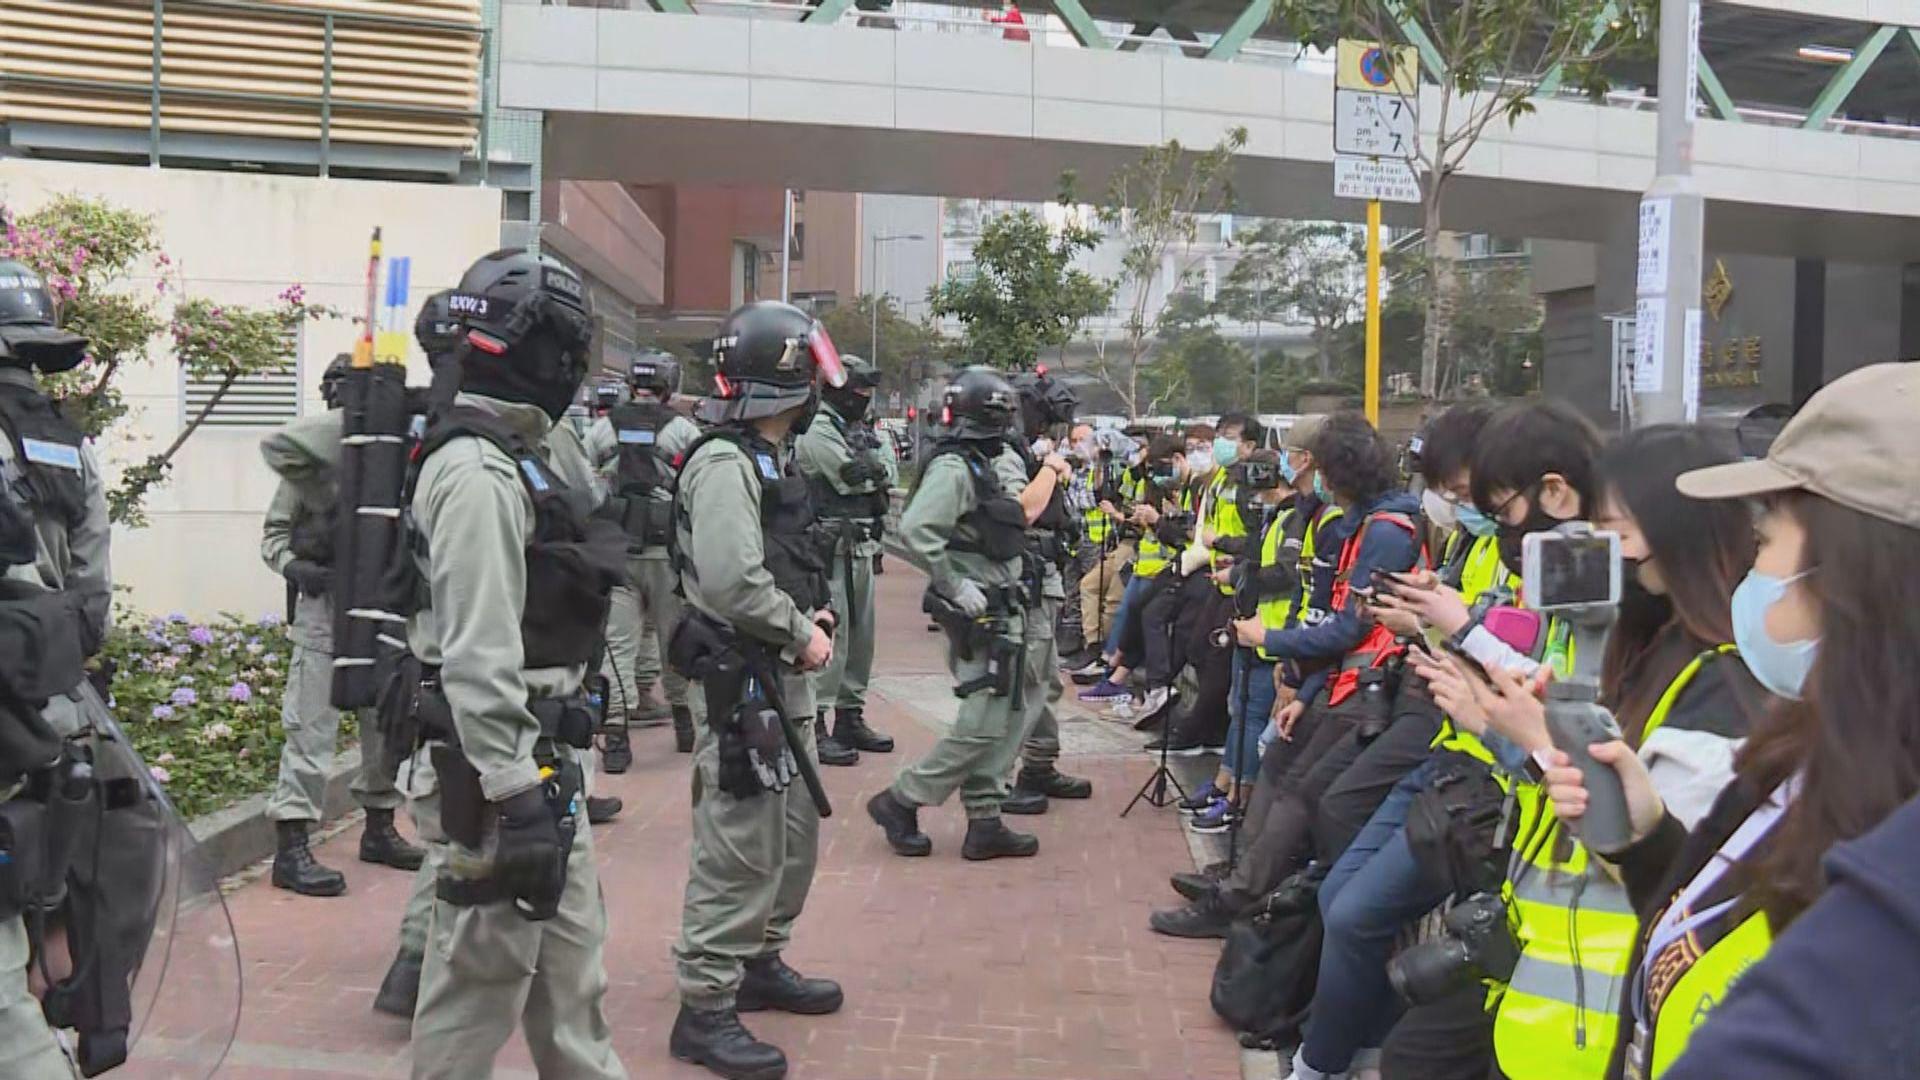 紅磡有人聚集 要求理工大學停止使用宿舍作隔離營